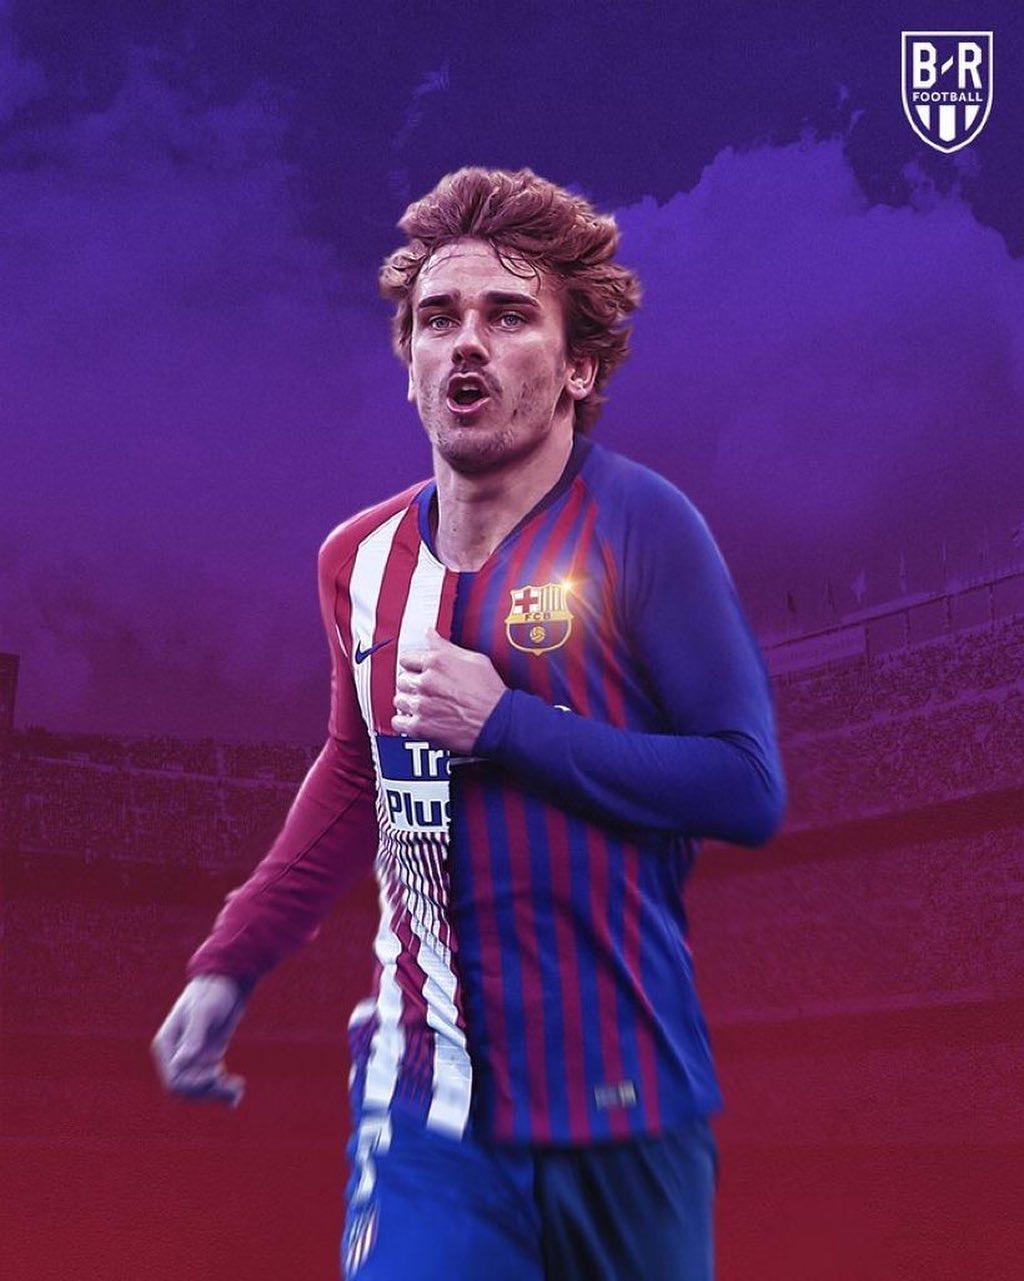 ด่วน: Barcelona จ่ายค่าปรับเมื่อลงนาม Grisman วันที่ 1 กรกฎาคม 0 0 0 0 0 #R …